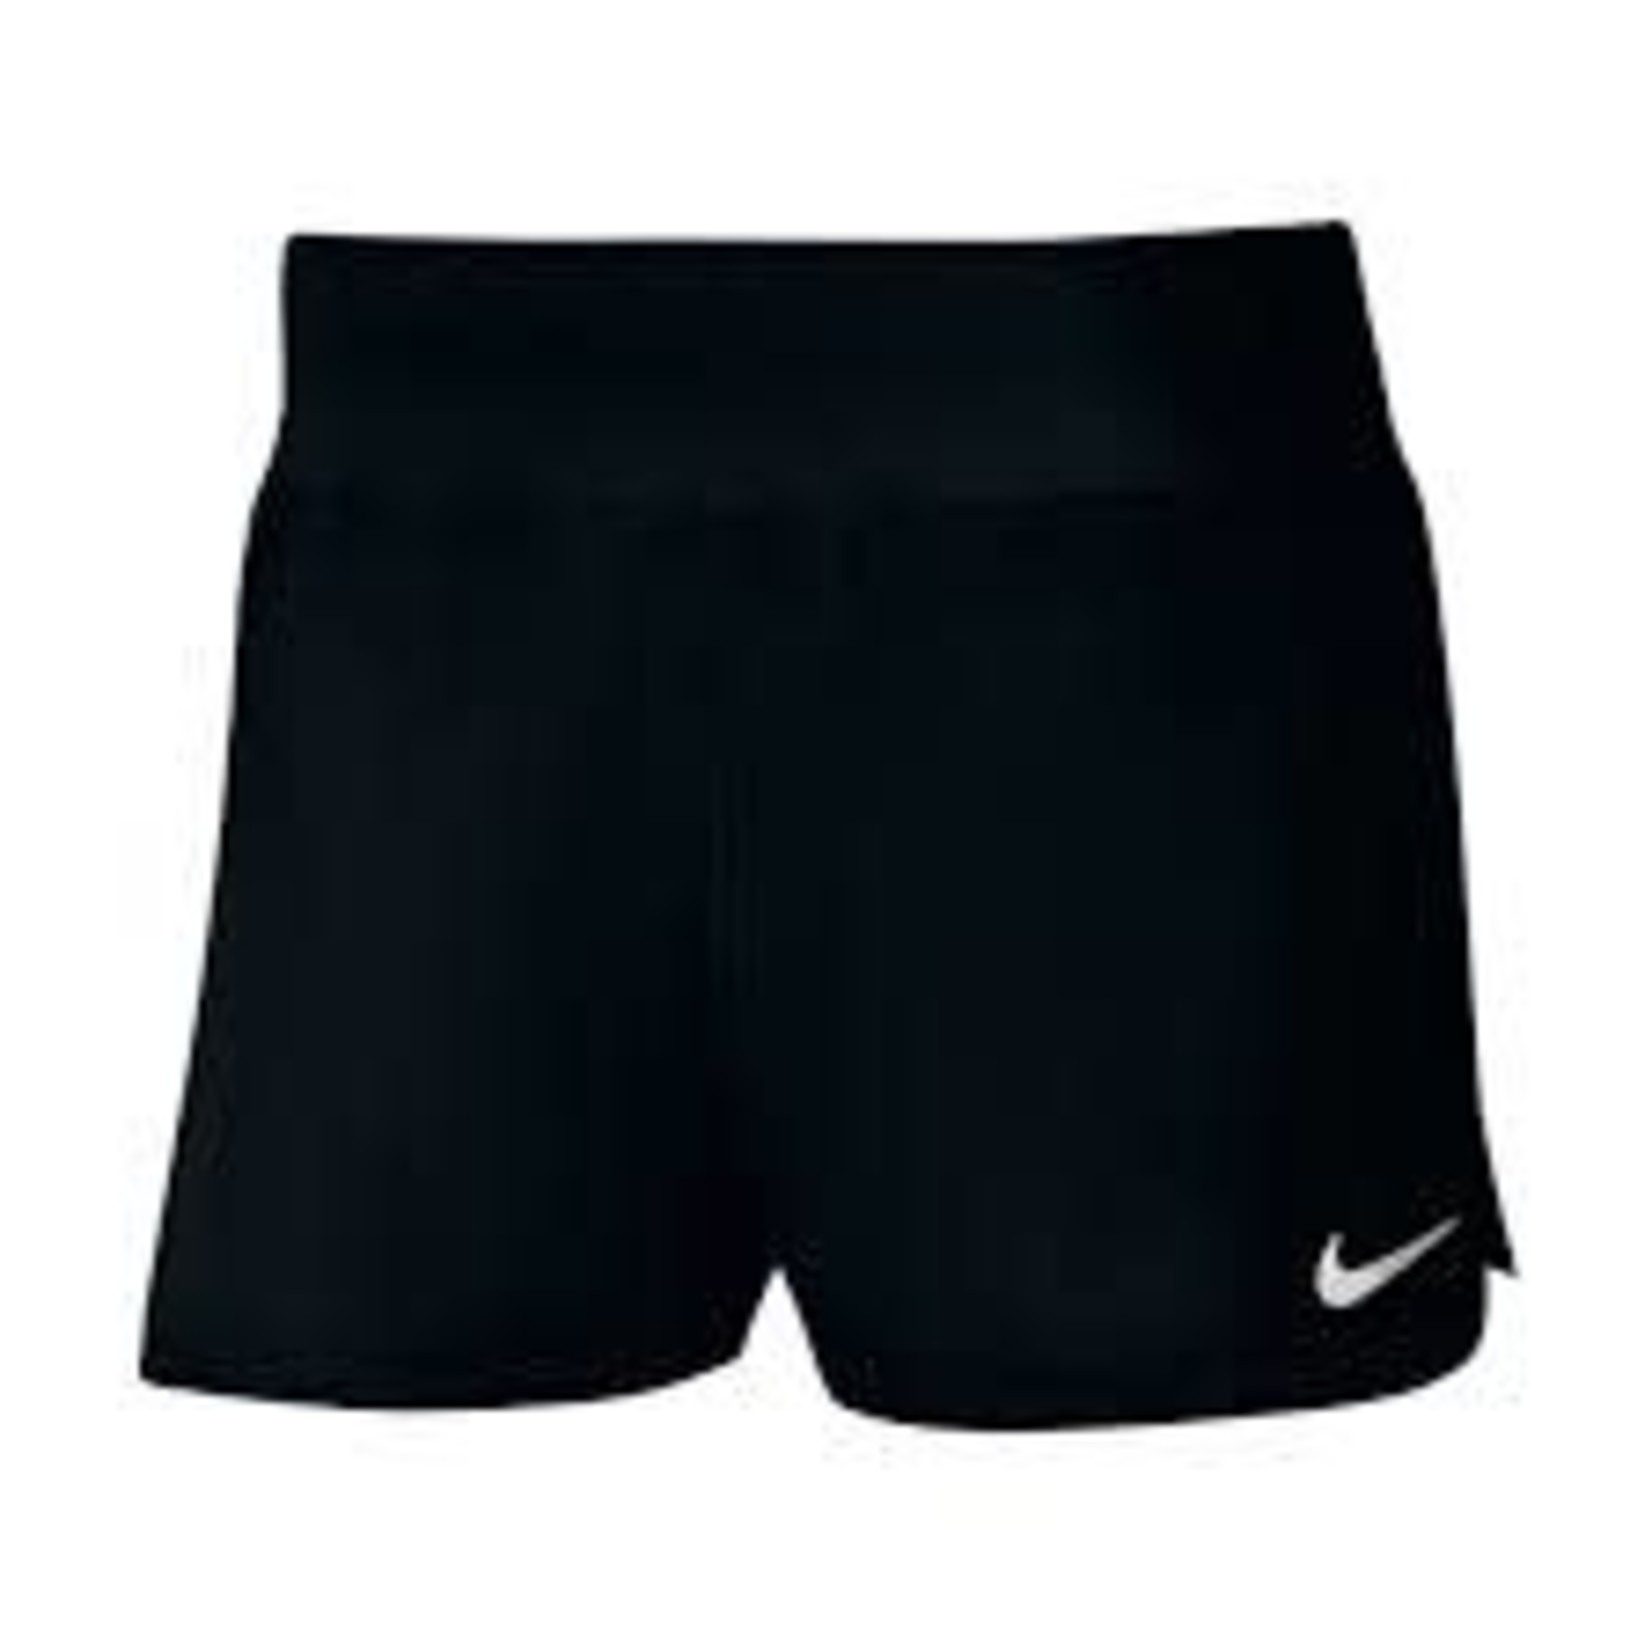 Nike Nike Shorts, Crew, Ladies